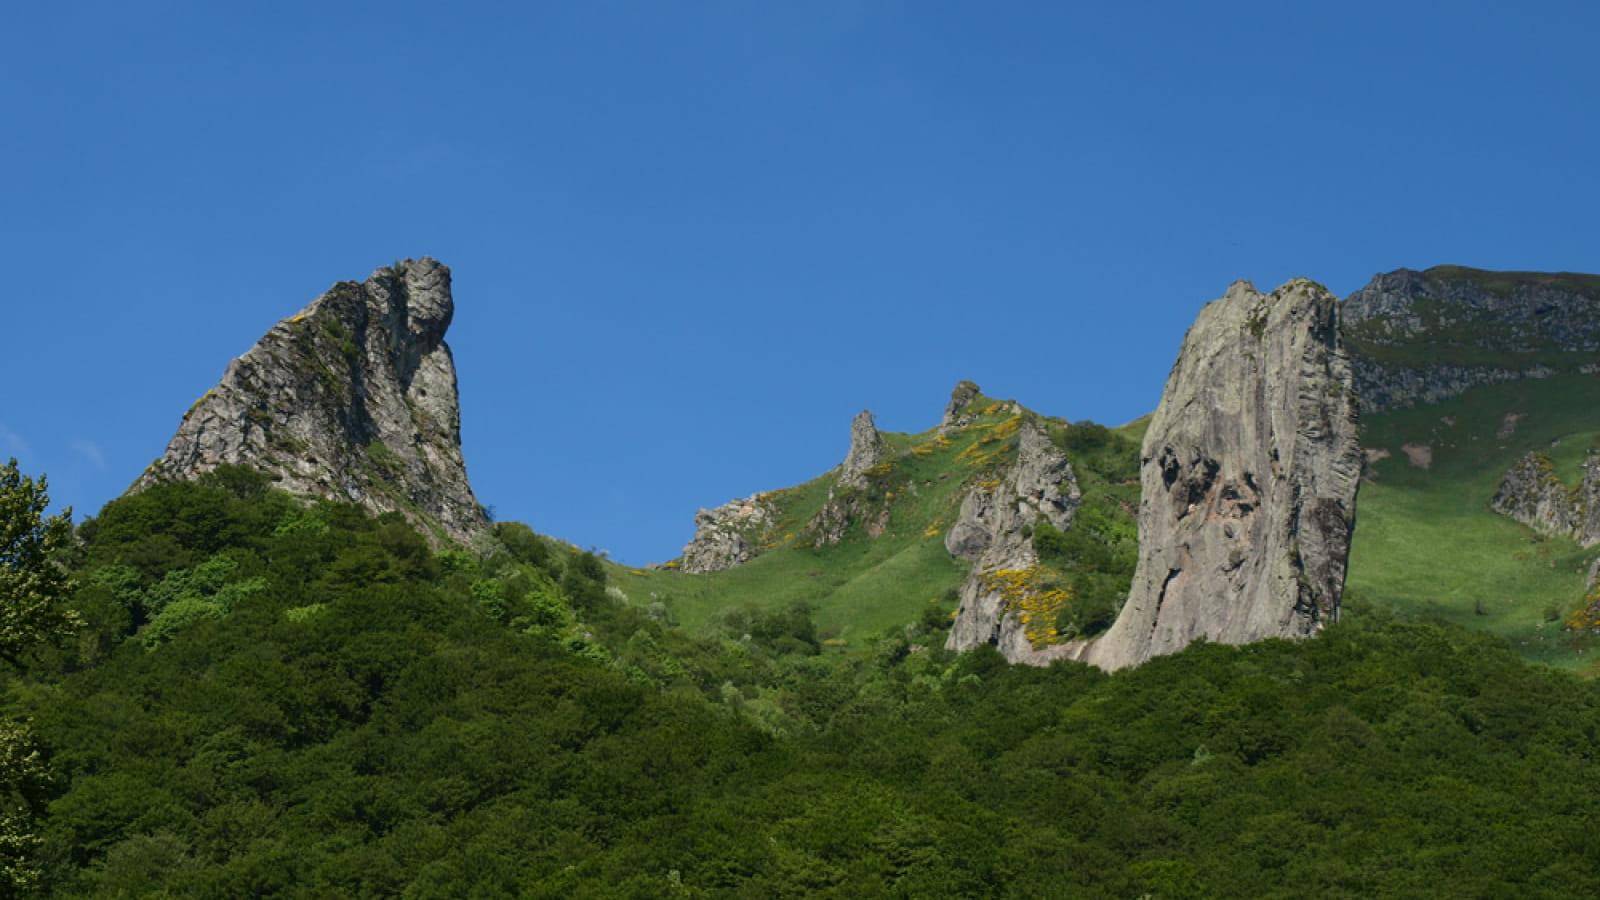 La vallée de Chaudefour